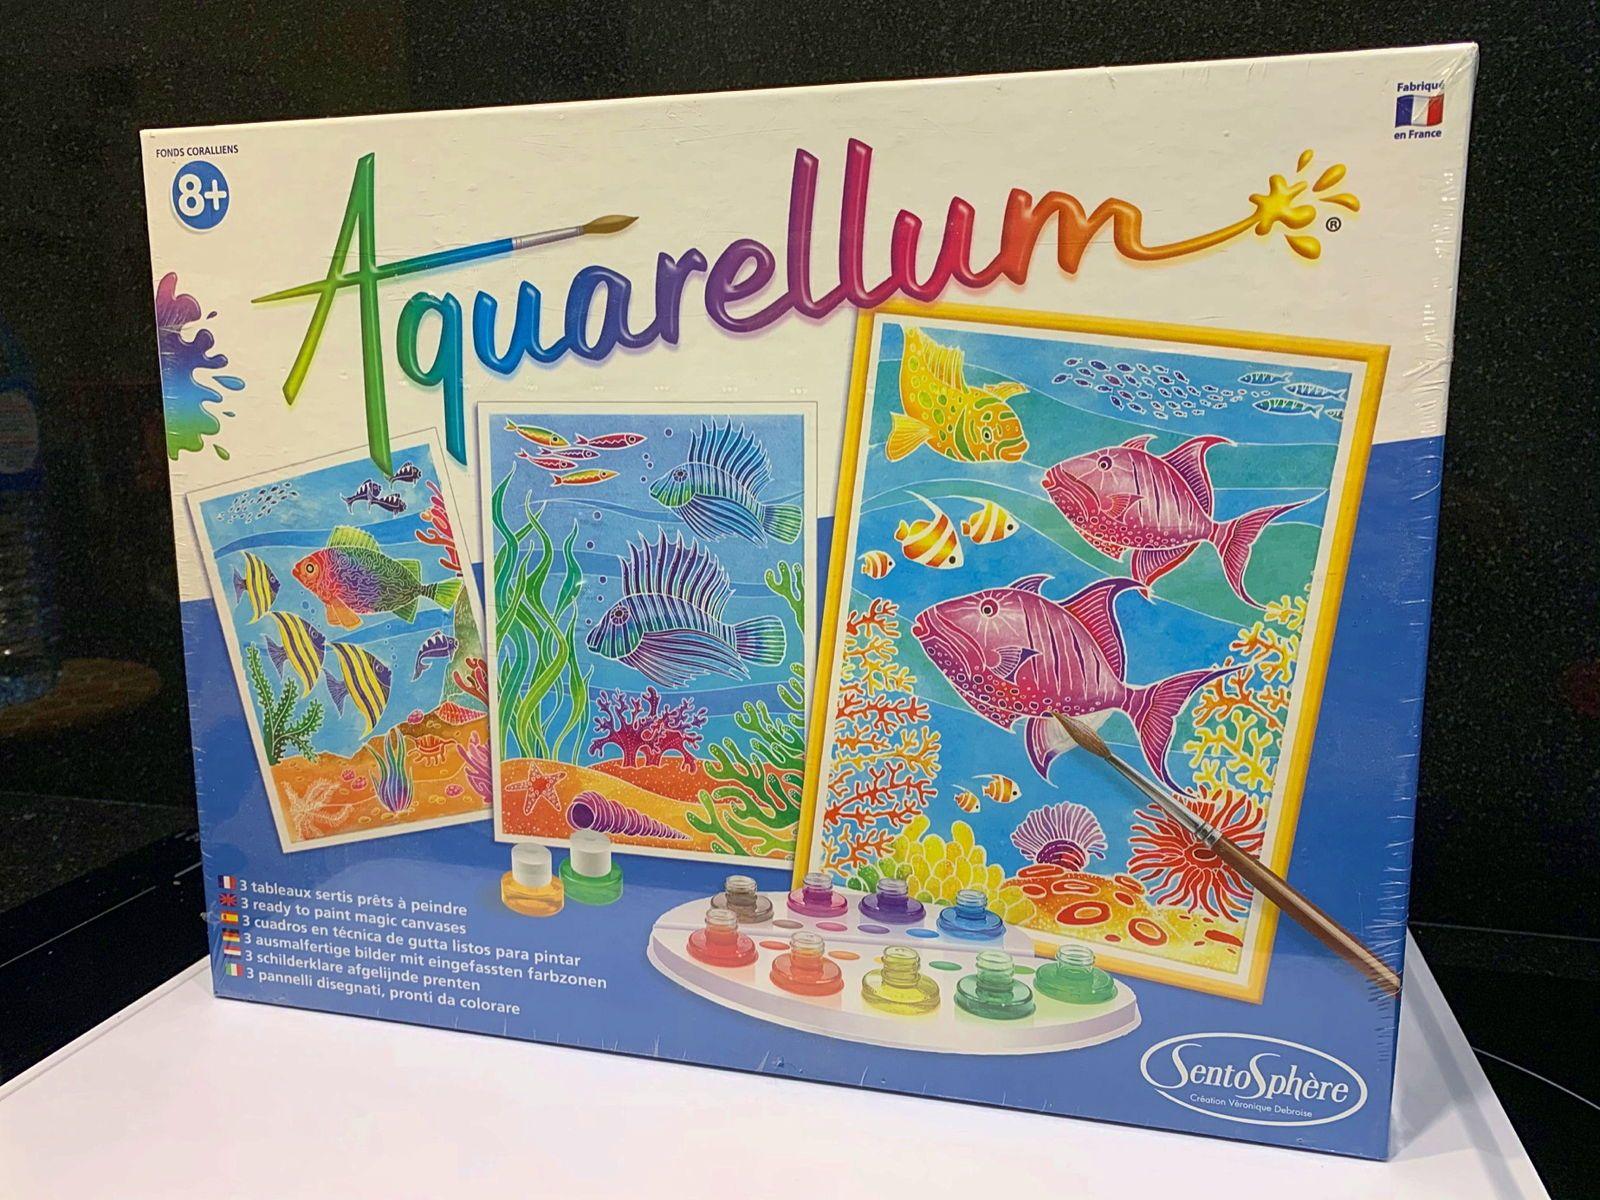 Aquarellum fonds coralliens - Sentosphère